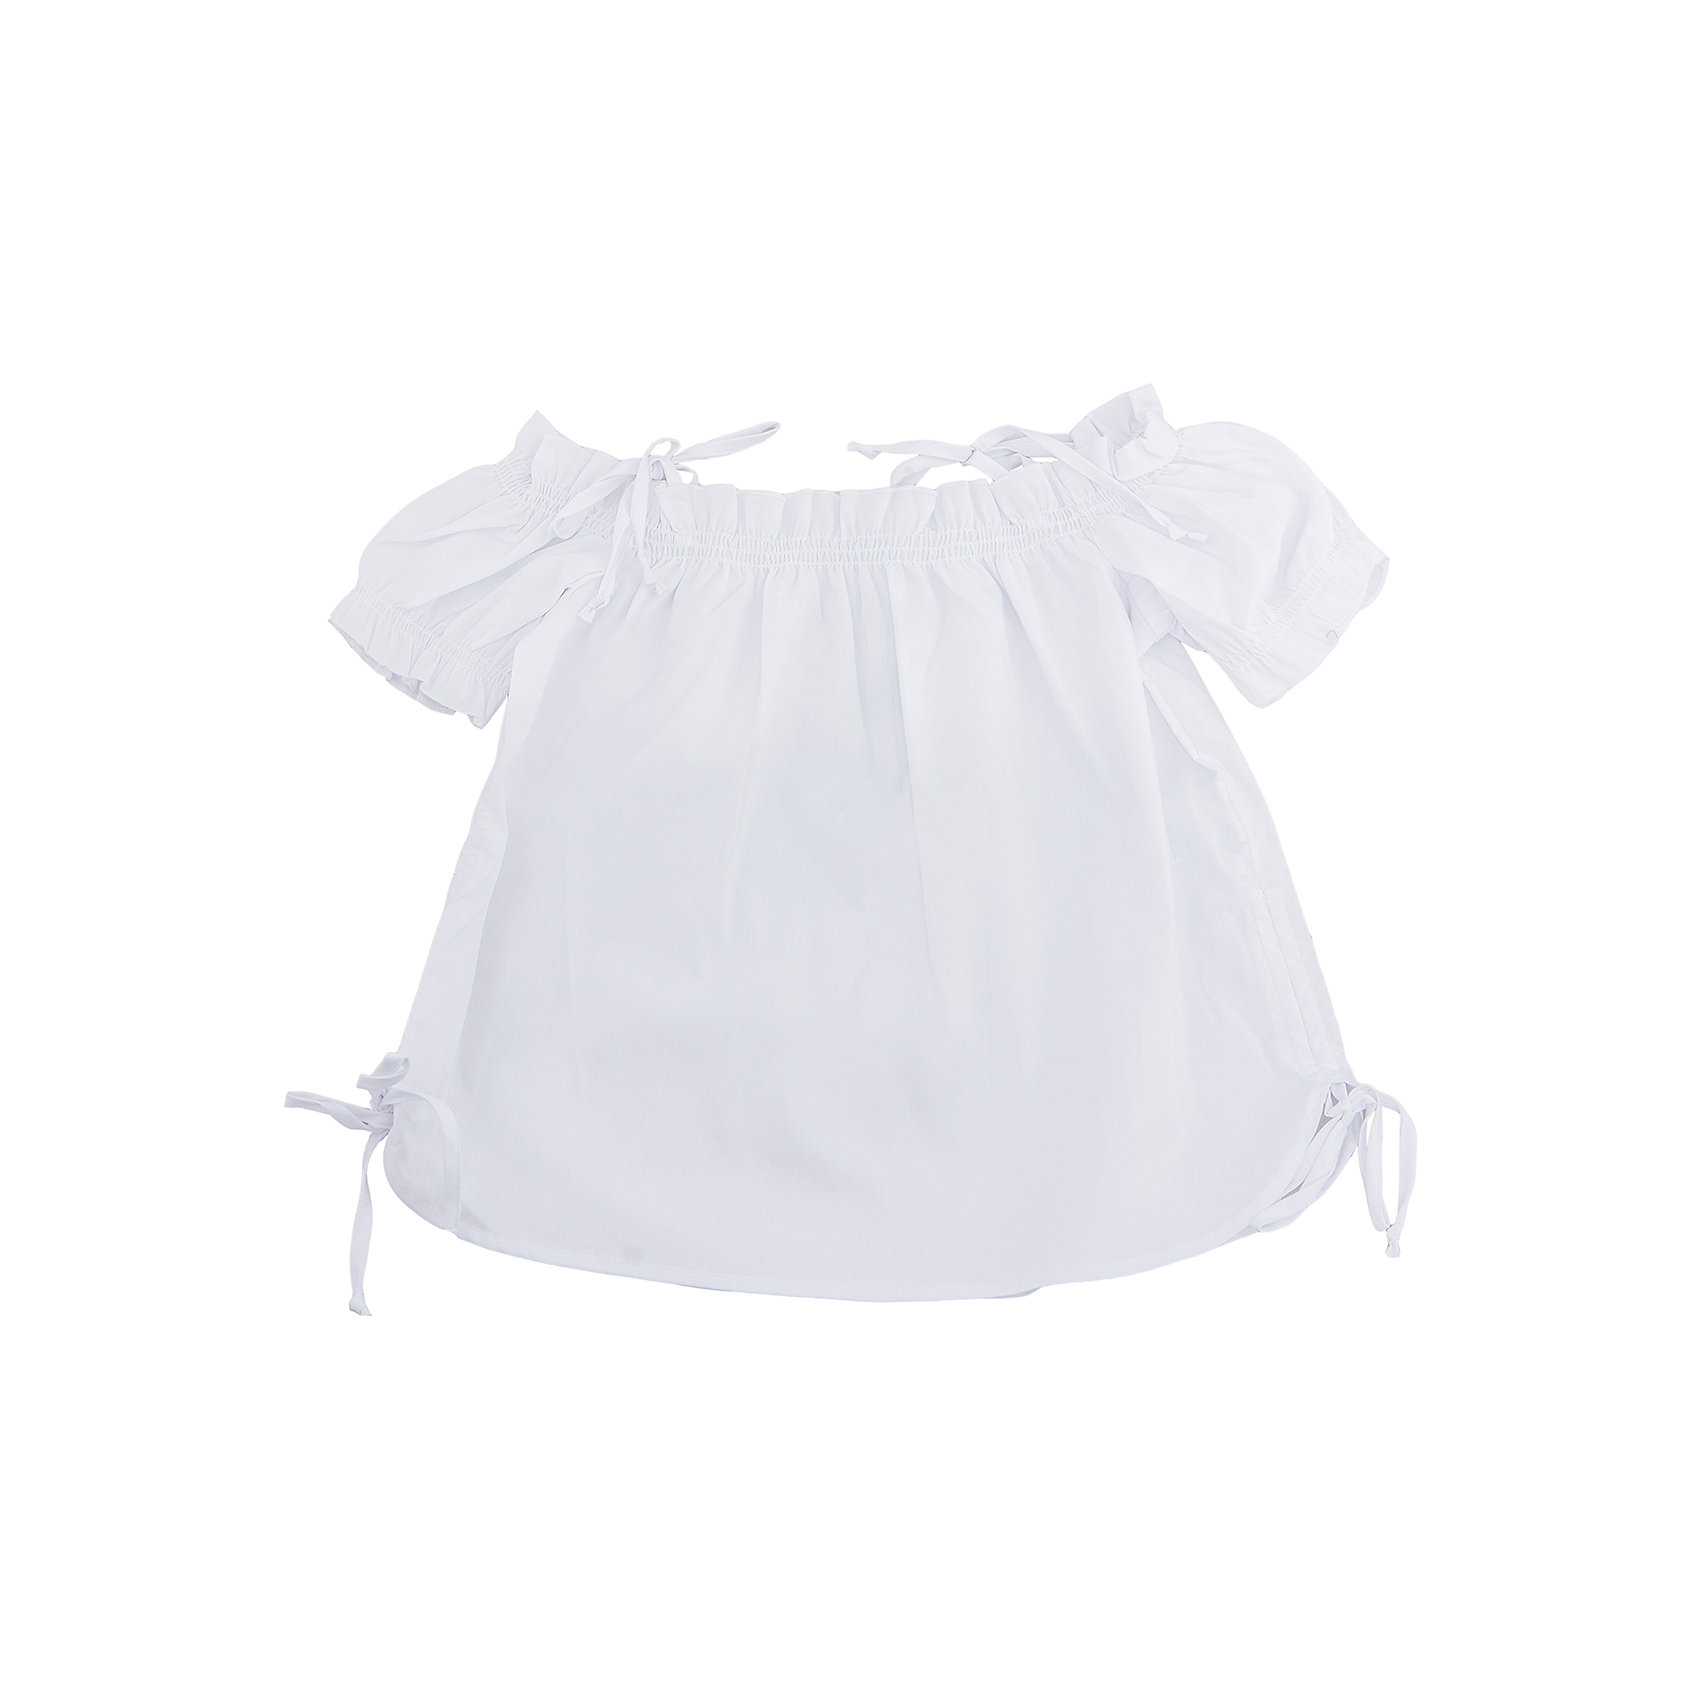 Топ для девочки ScoolФутболки, поло и топы<br>Топ из тонкой смесовой ткани будет хорошим дополнением летнего детского гардероба. Модель на бретелях и приспущенных рукавах. Горловина декорирована присборенной складкой и шнурками - кулисками на боковинах.<br>Состав:<br>68% хлопок, 28% полиэстер, 4% эластан<br><br>Ширина мм: 199<br>Глубина мм: 10<br>Высота мм: 161<br>Вес г: 151<br>Цвет: белый<br>Возраст от месяцев: 108<br>Возраст до месяцев: 120<br>Пол: Женский<br>Возраст: Детский<br>Размер: 140,146,152,158,164,134<br>SKU: 5604132